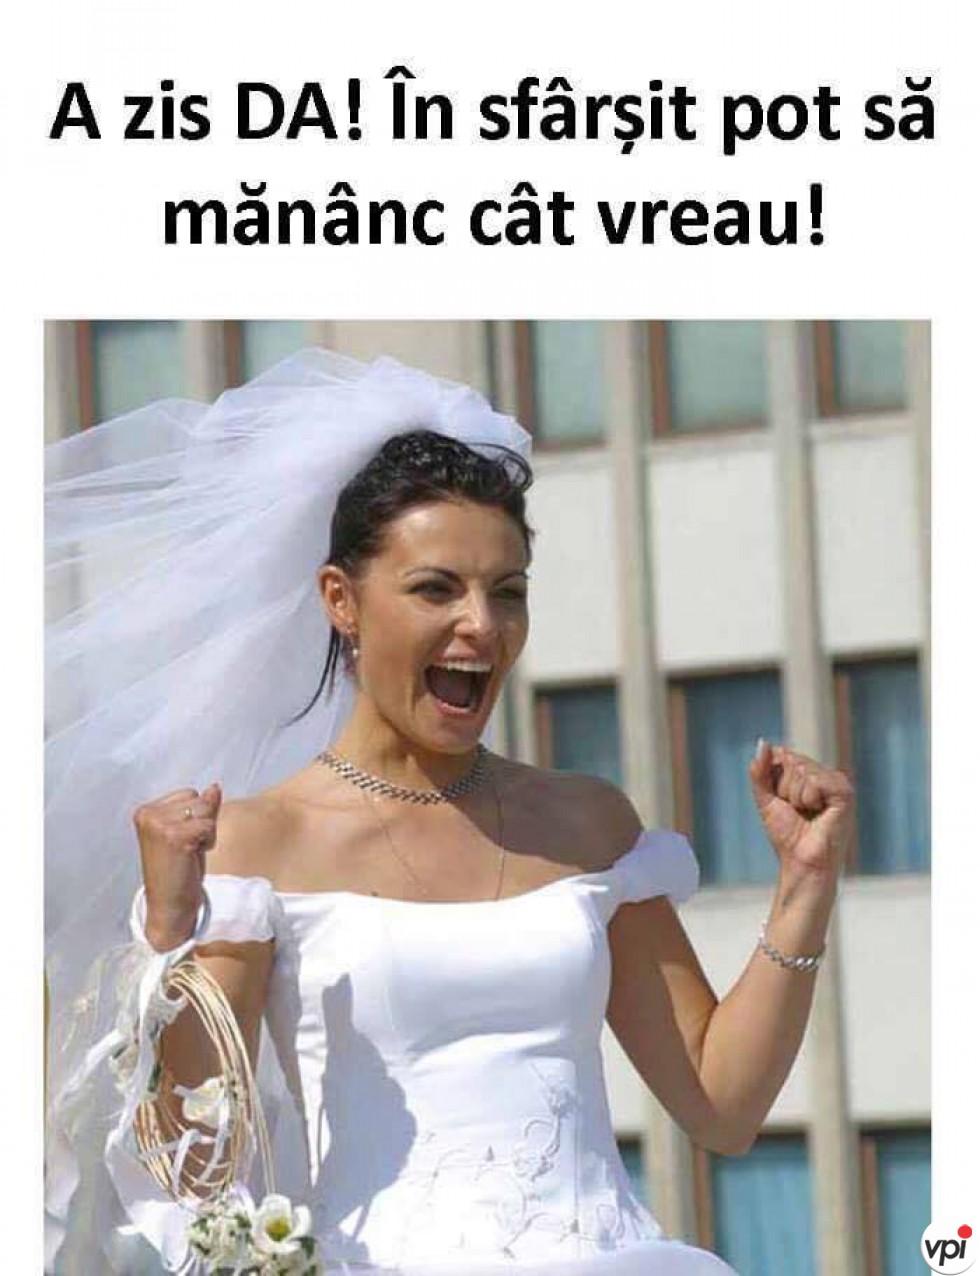 Femeile dupa ce se marita